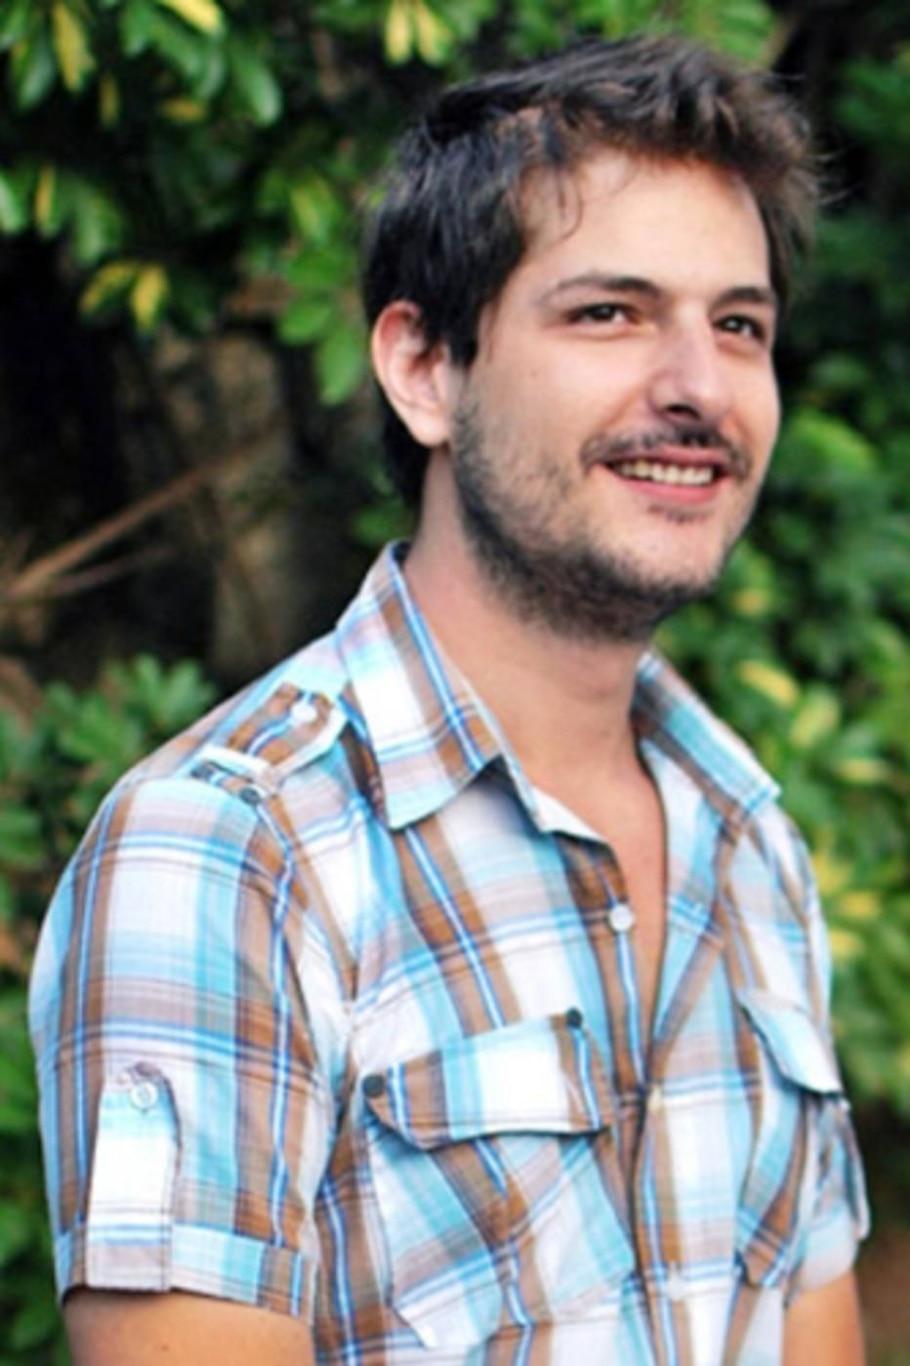 Blogueiros exploram audiência para ganhar dinheiro extra com a web - Divulgação/AE